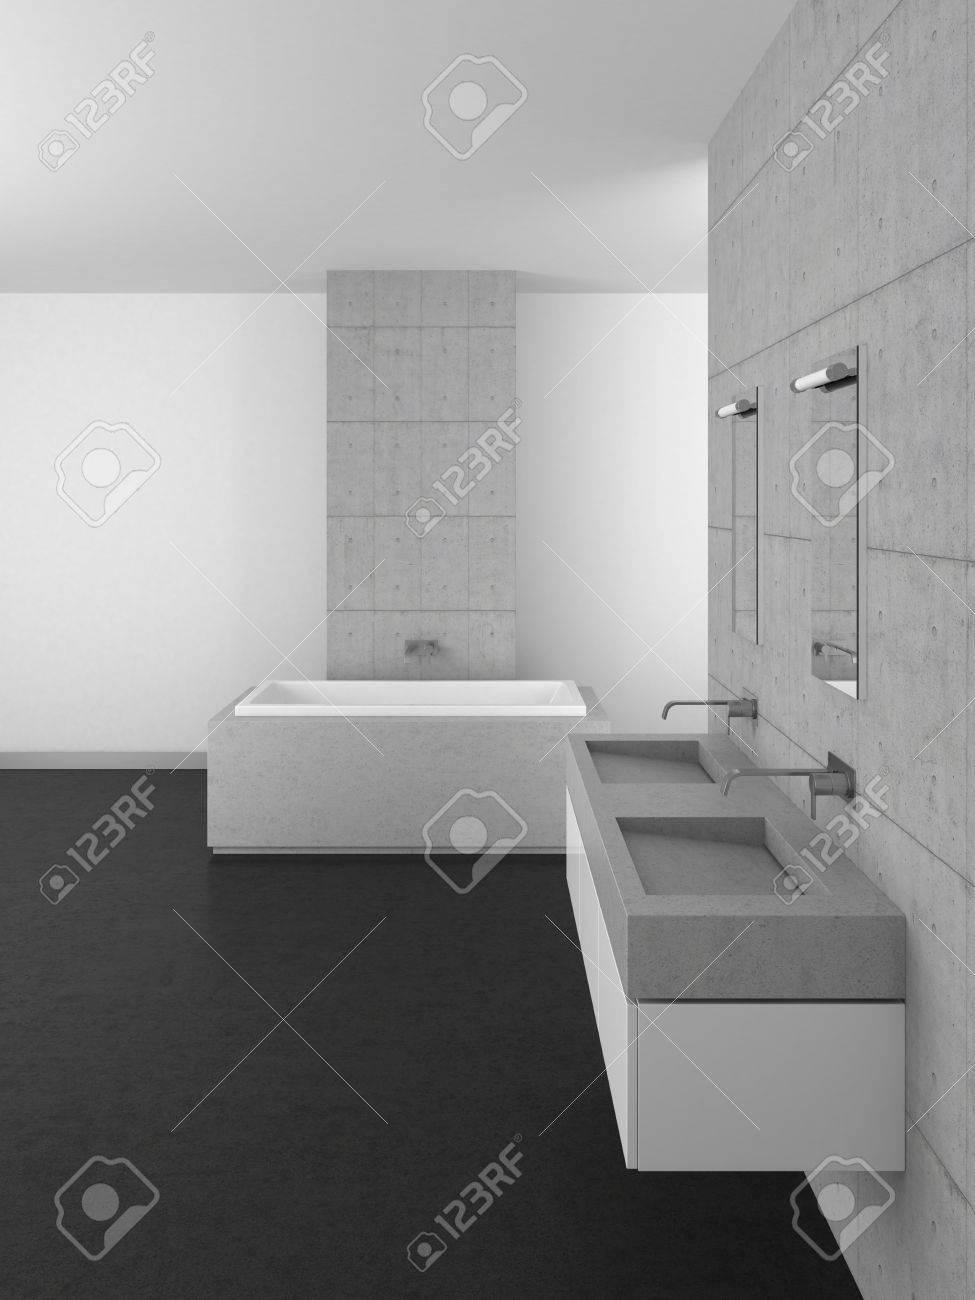 Bagno Grigio Scuro : Bagno grigio scuro e bianco. Arredo bagno ...